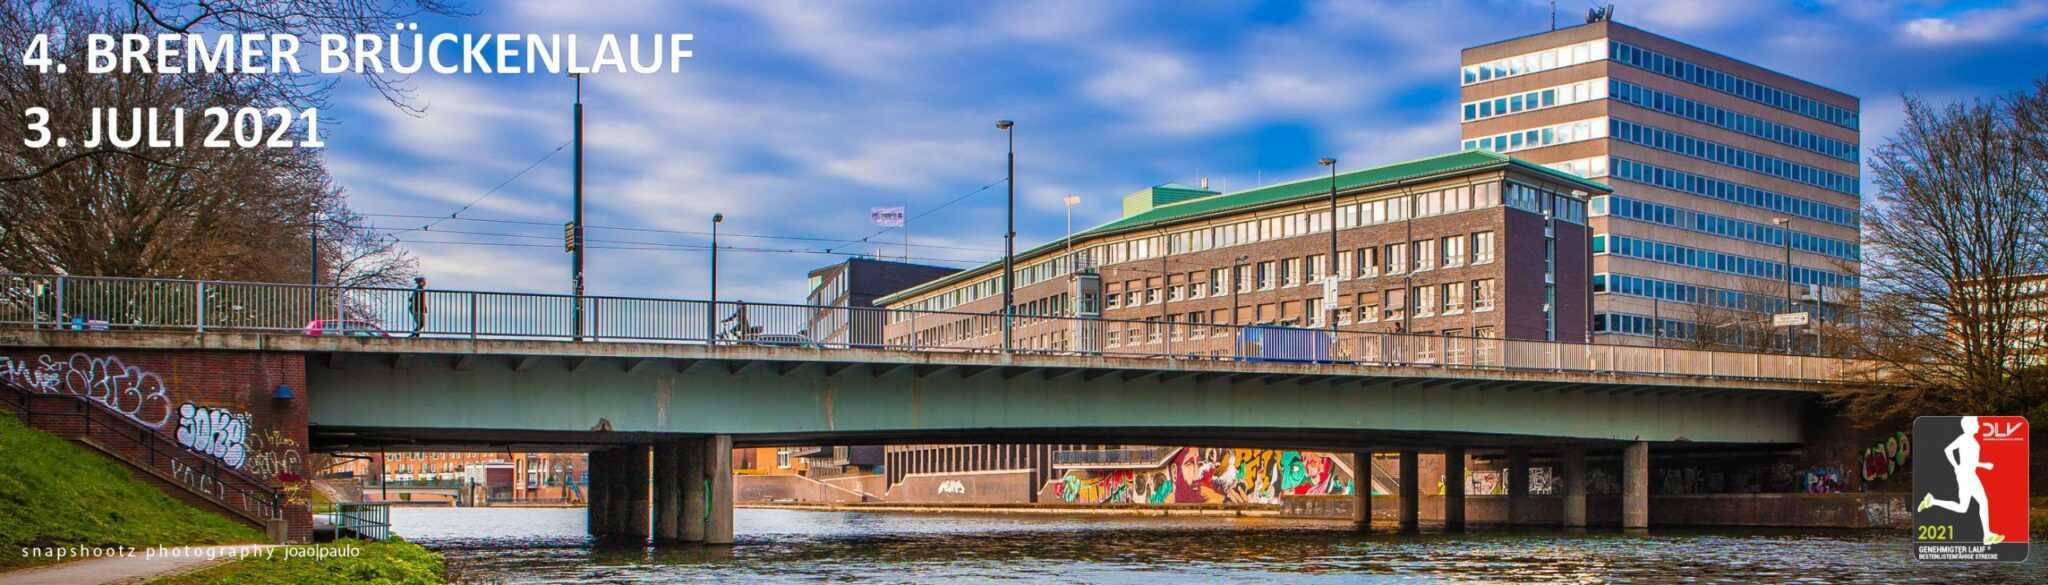 Bremer Brückenlauf